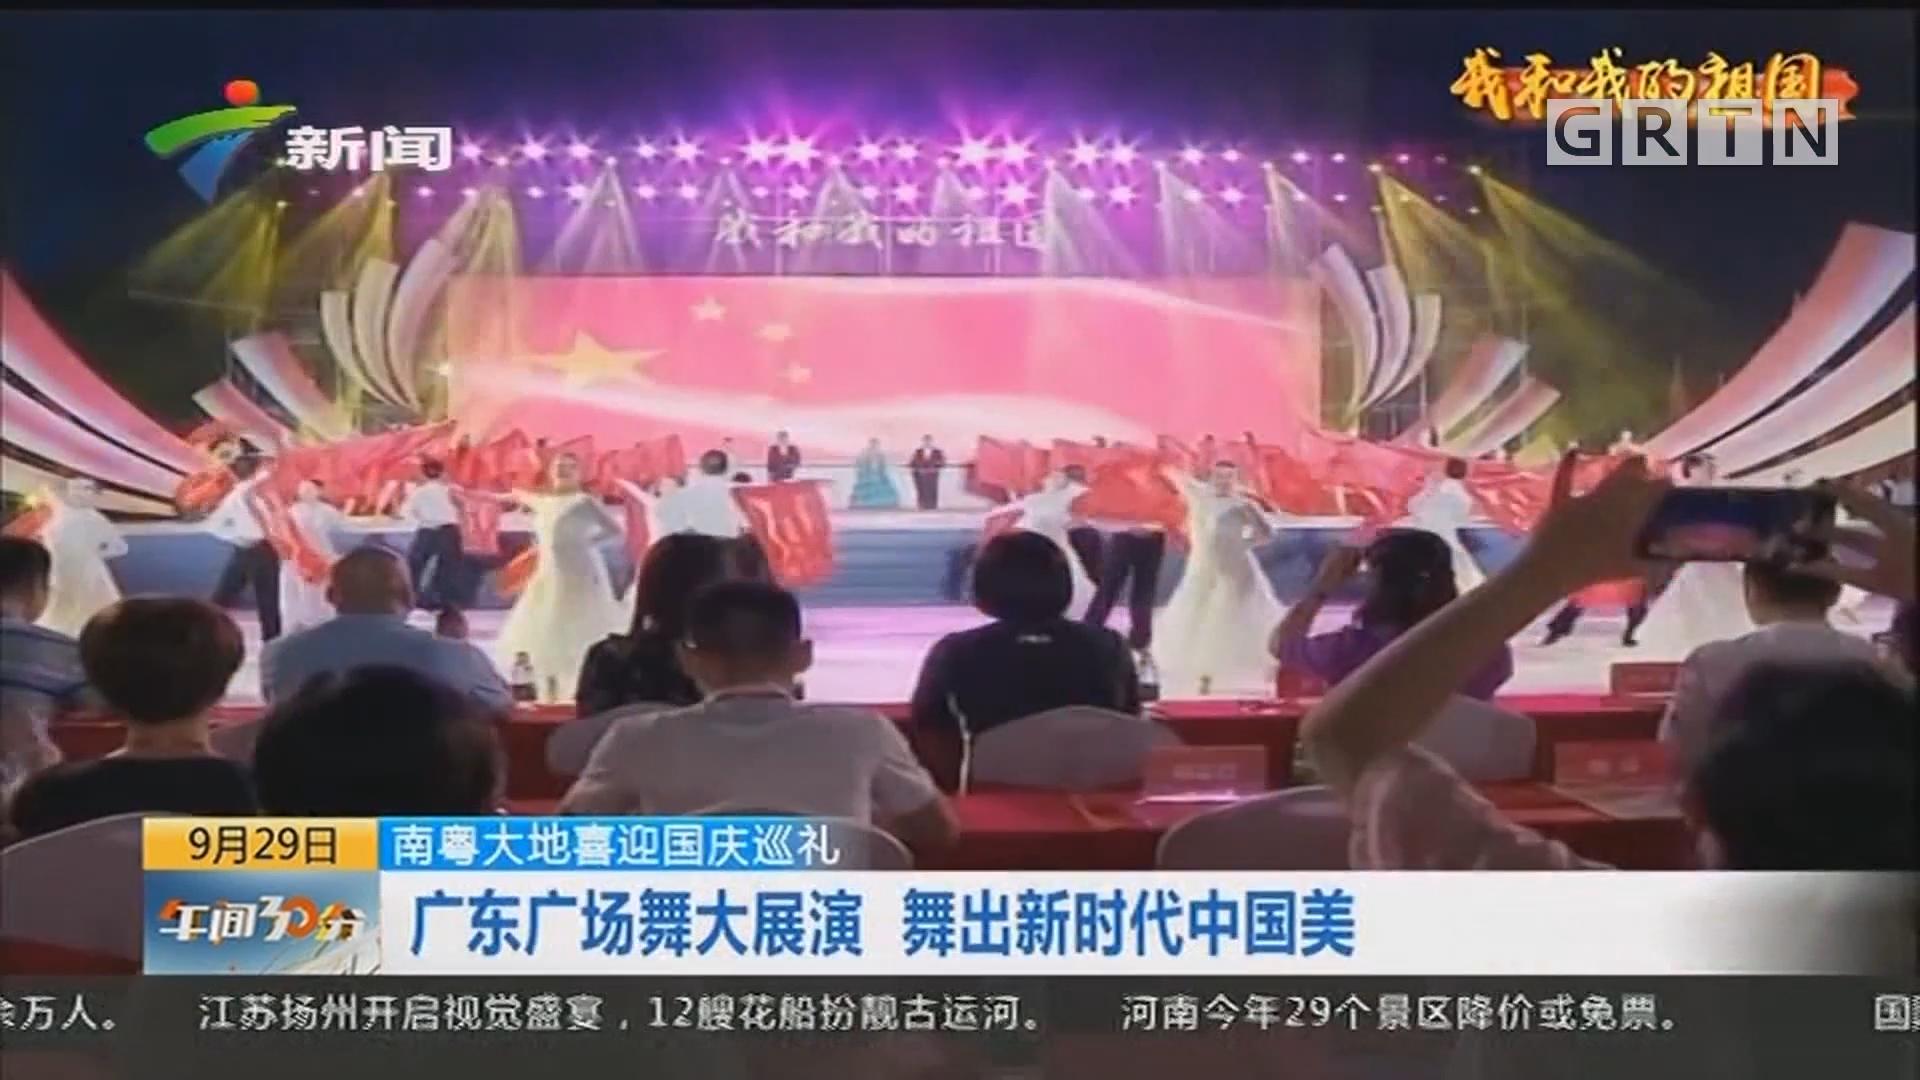 南粤大地喜迎国庆巡礼 广东广场舞大展演 舞出新时代中国美